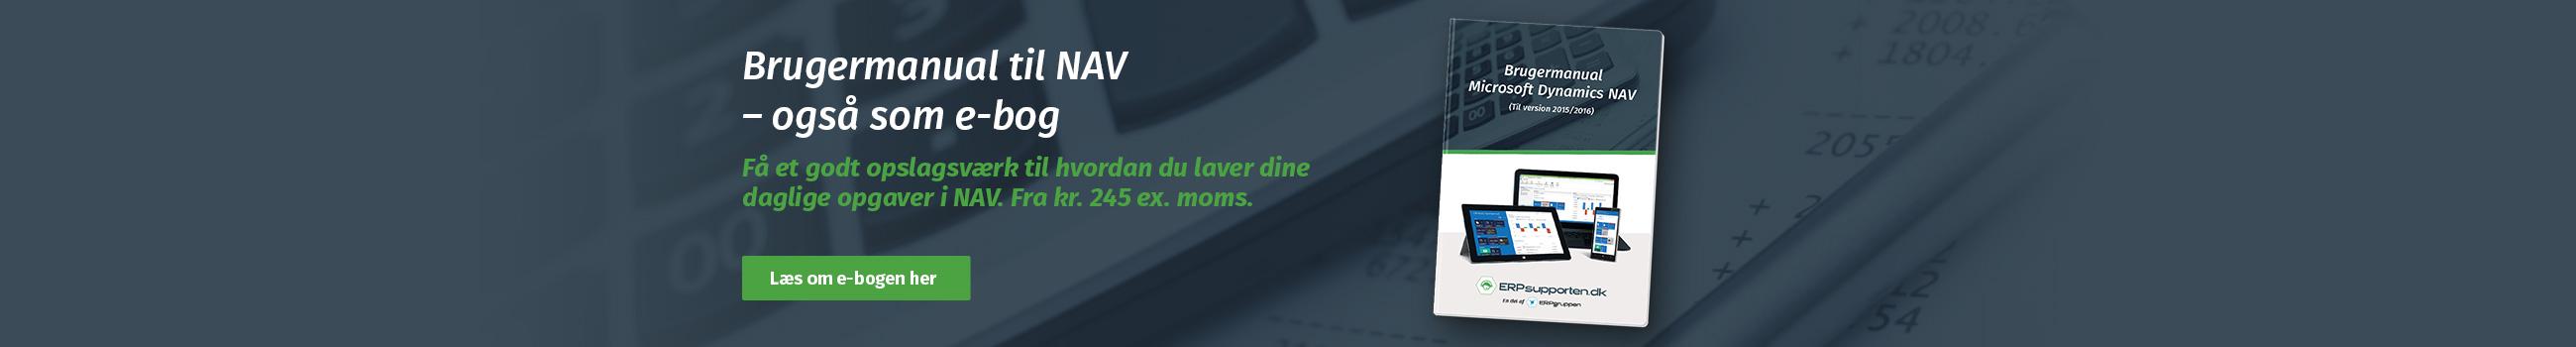 Køb brugermanual til Microsoft Dynamics NAV